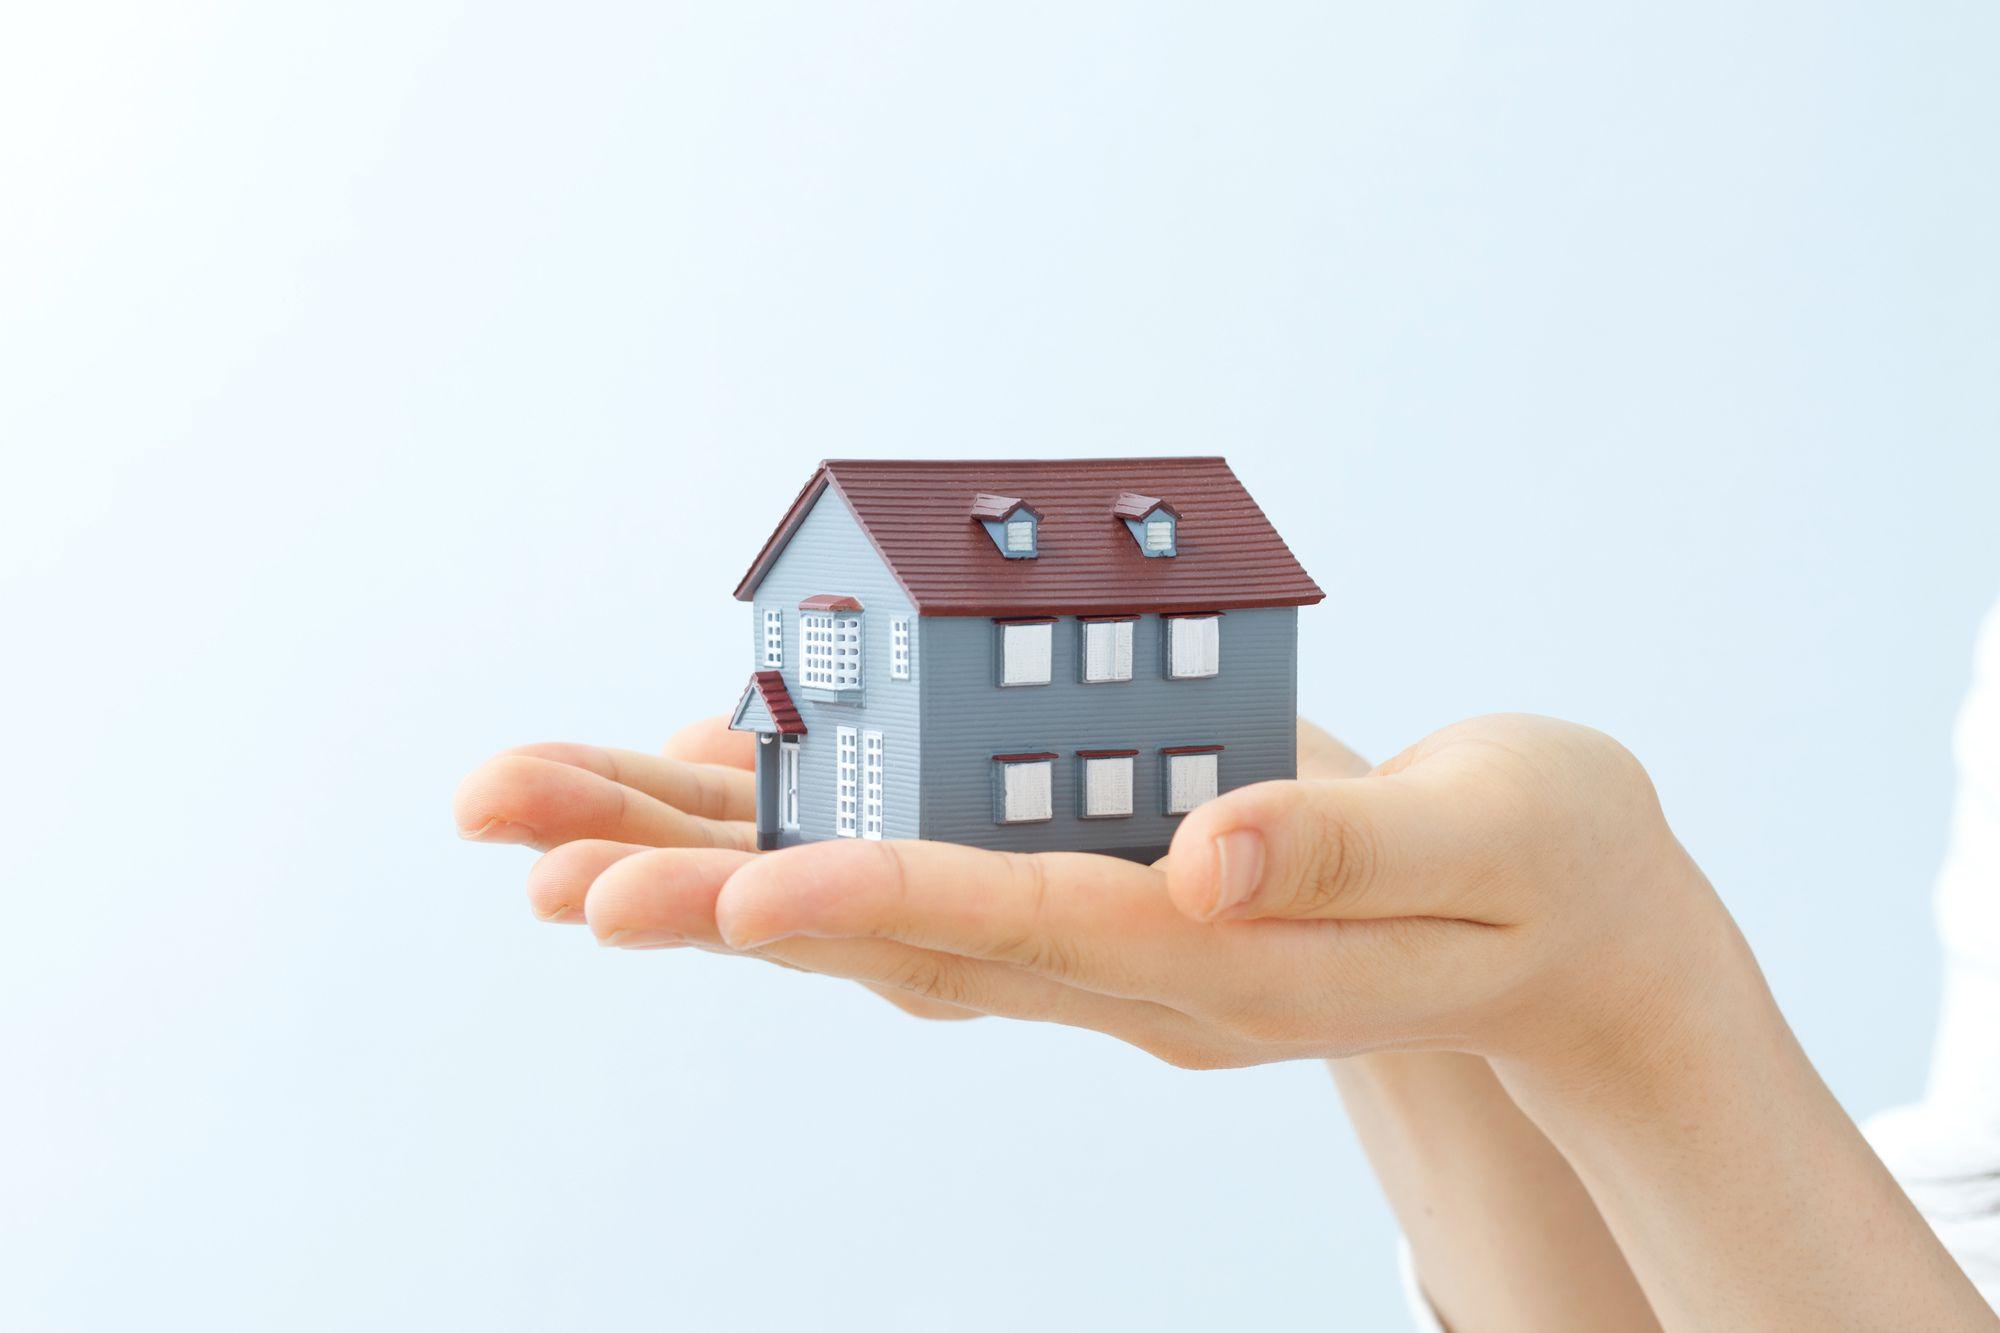 八王子の土地価格、戸建て住宅の価格は?